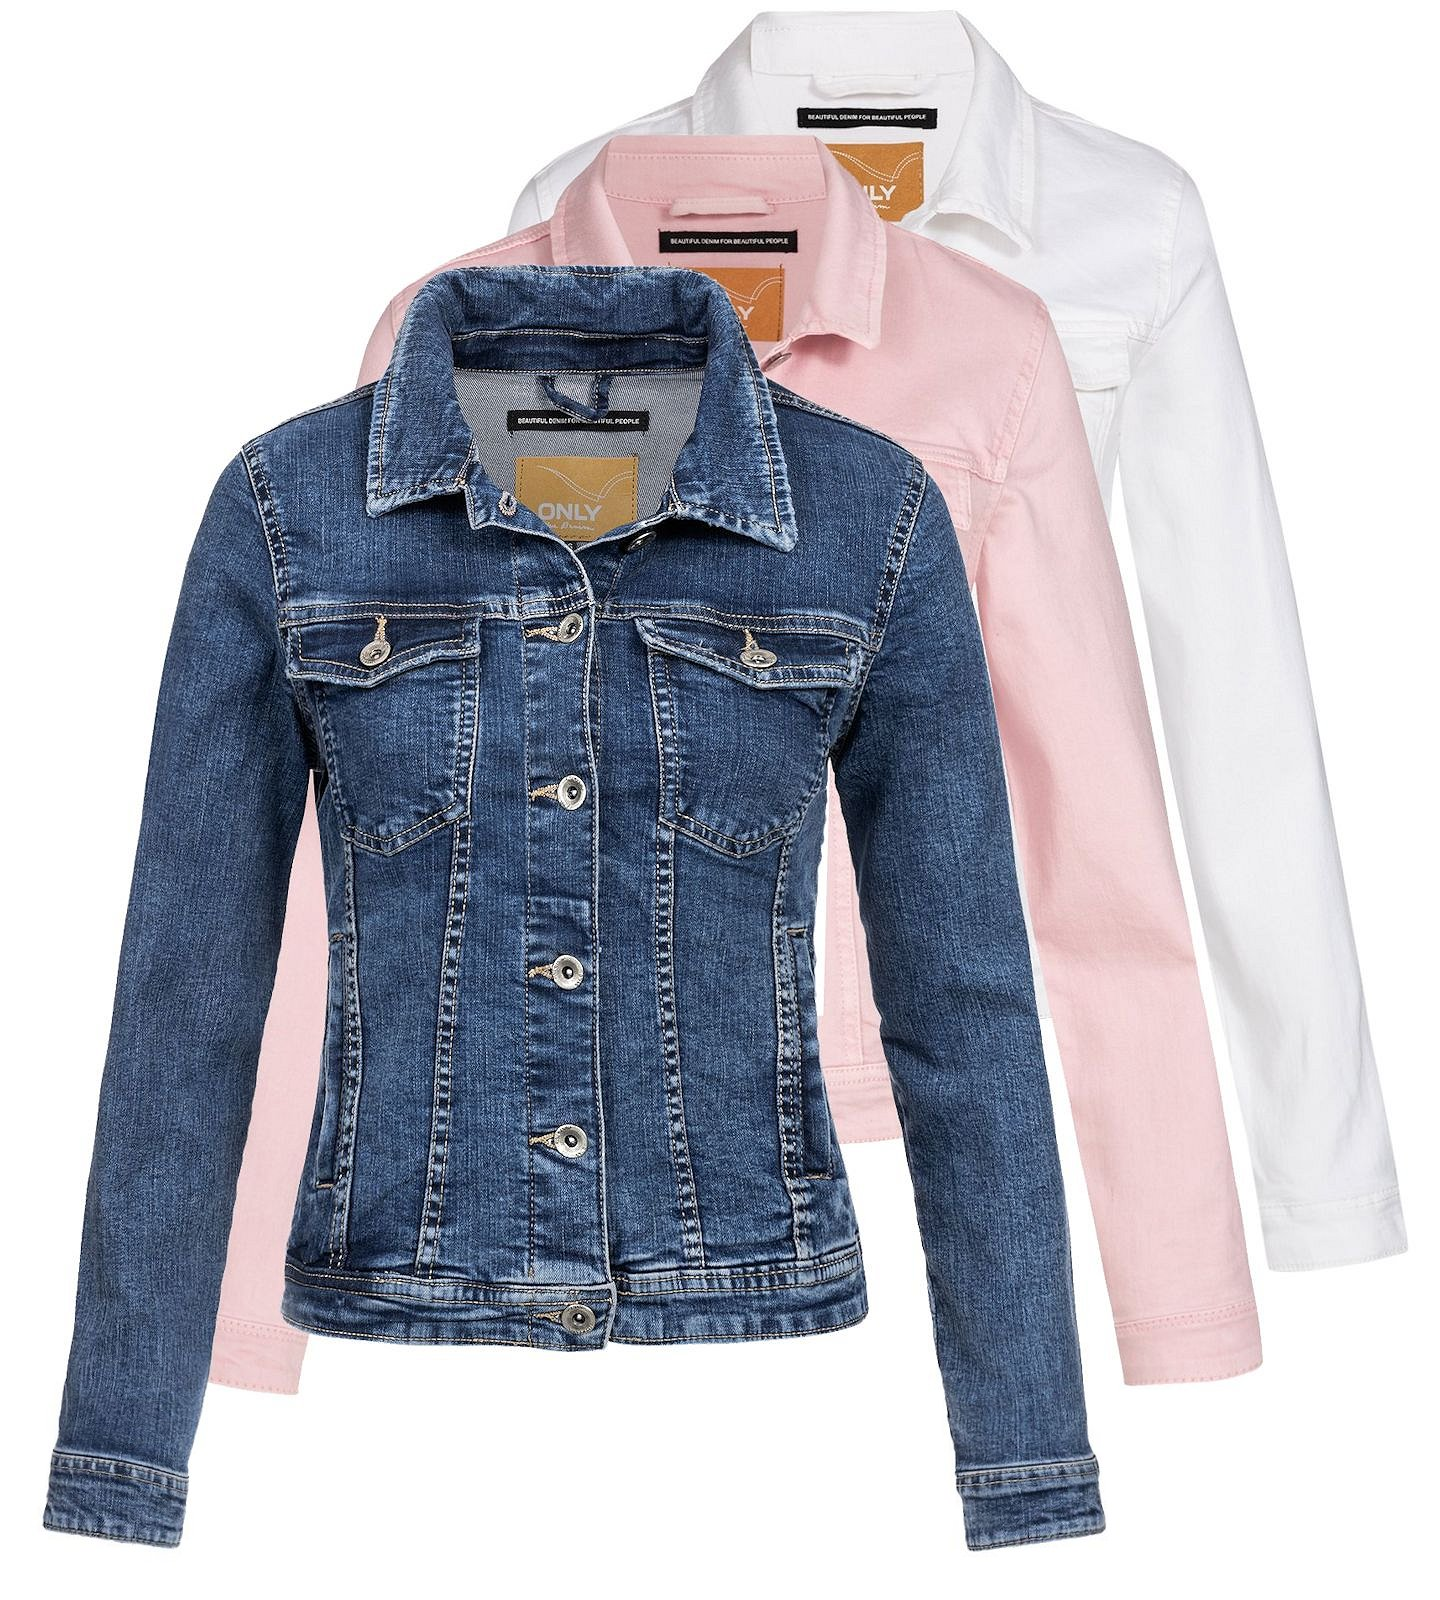 the latest c8d12 9e8fe Details zu Only Damen Jeansjacke Jacke Damenjacke Denim Übergangsjacke  Jeans Tia